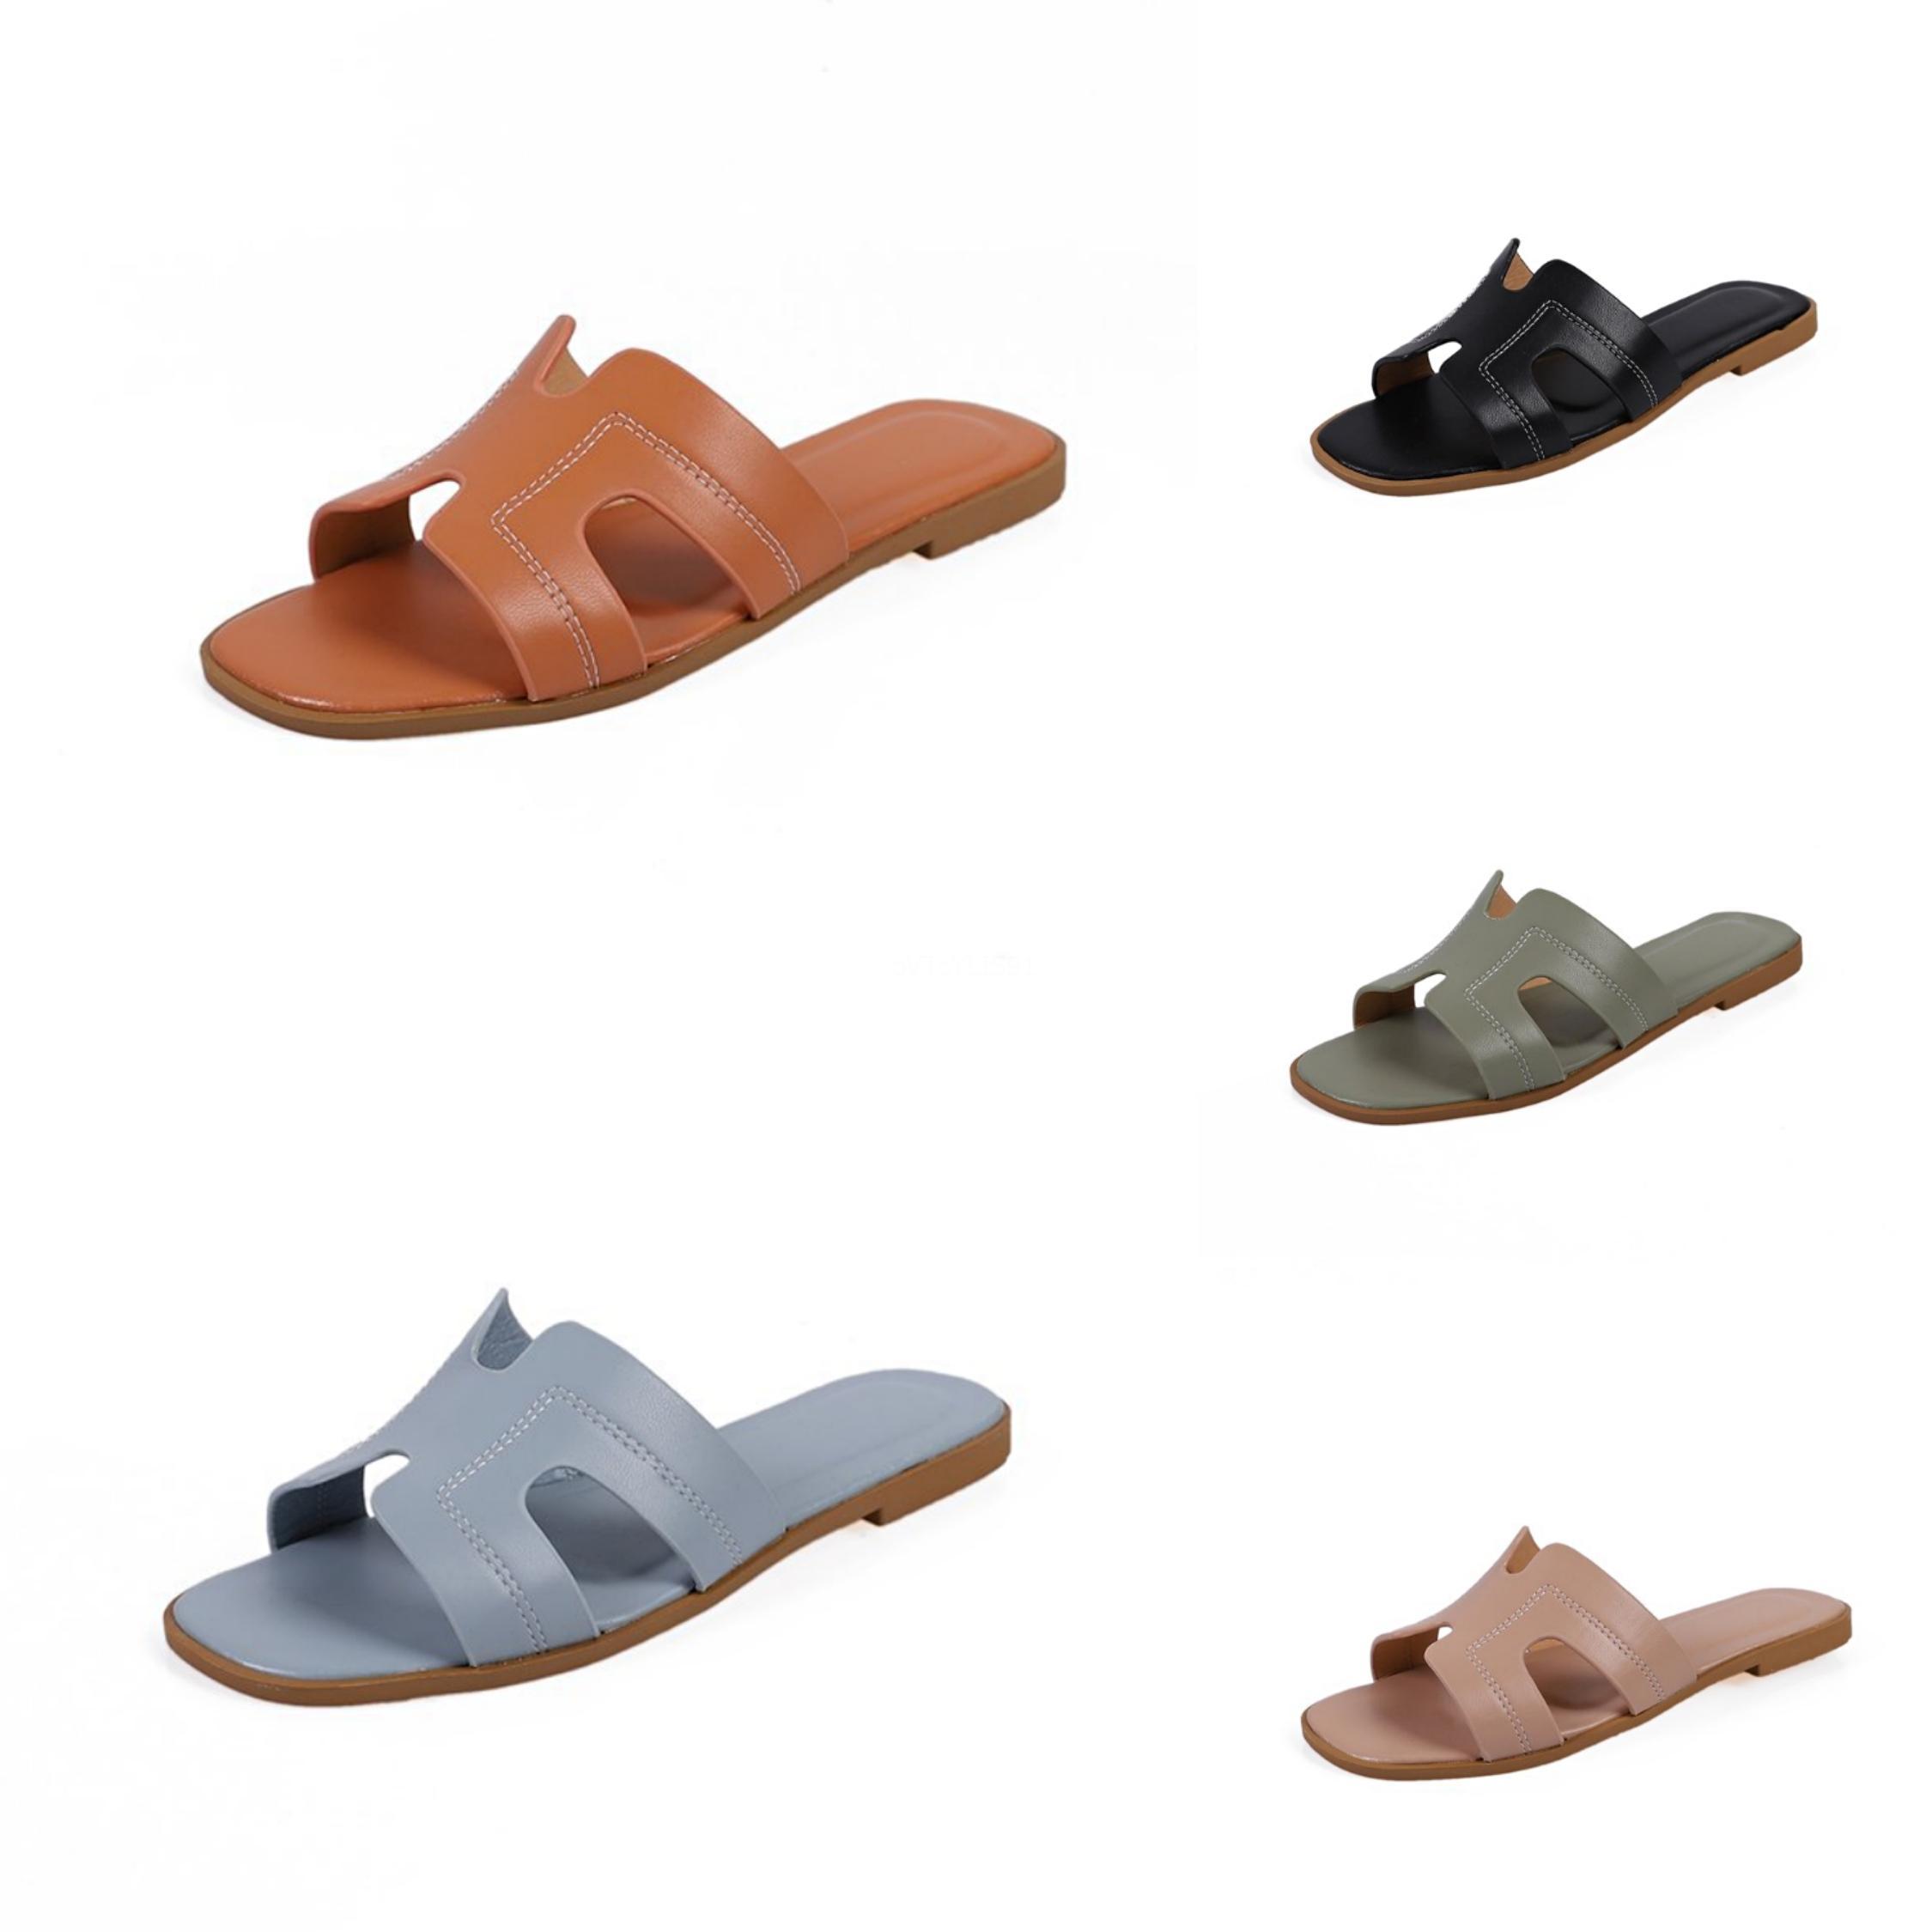 2020 новый корейский стиль мода обувь с закрытым носком Женская обувь сандалии Женские смешанные цвета крест-накрест # 131